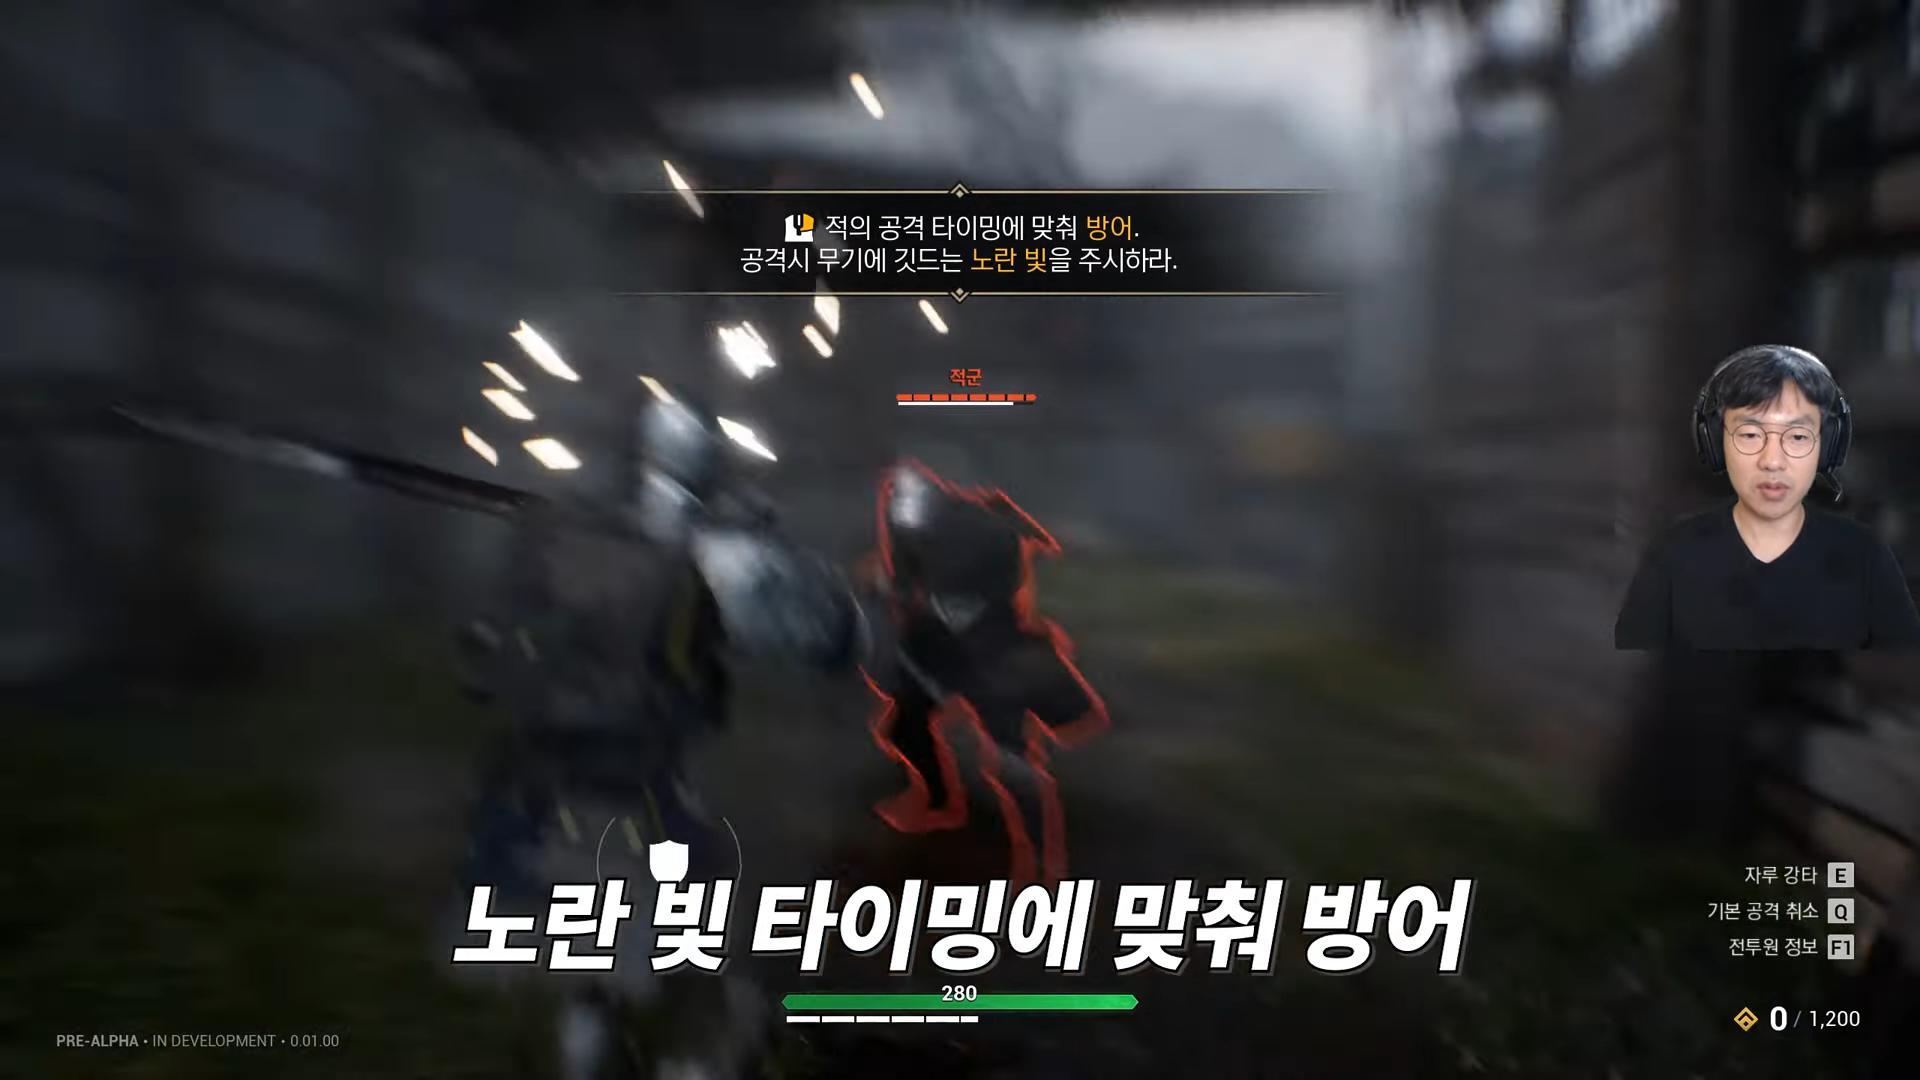 [프로젝트 HP (가제)] 디렉터 플레이 영상 1부 (HP 및 캐릭터 소개) 13-48 screenshot.png